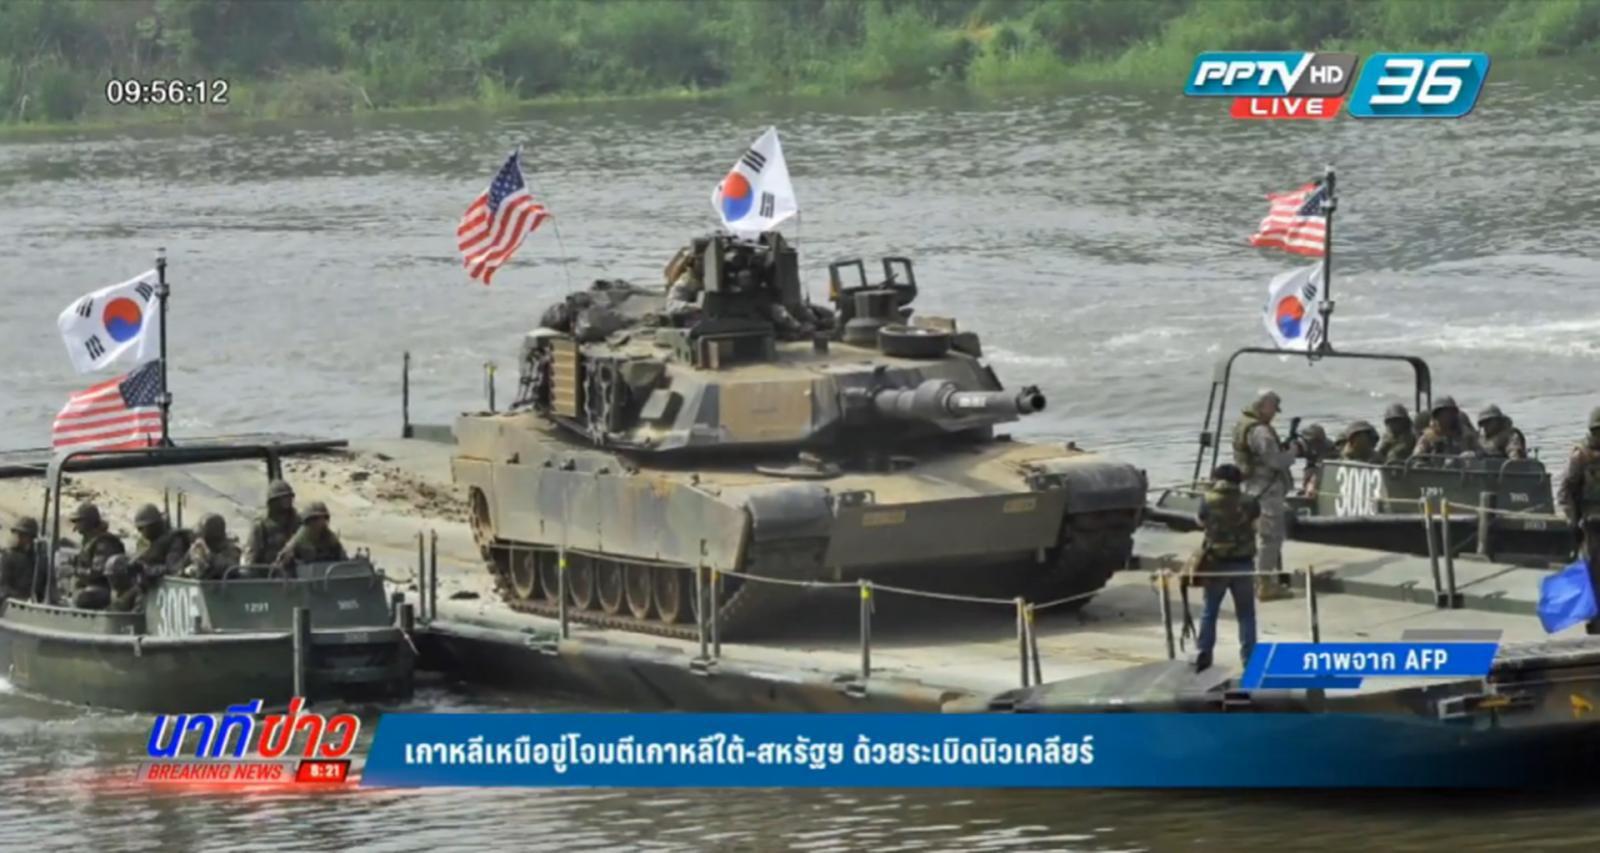 เกาหลีเหนือขู่โจมตีเกาหลีใต้-สหรัฐฯ ด้วยระเบิดนิวเคลียร์